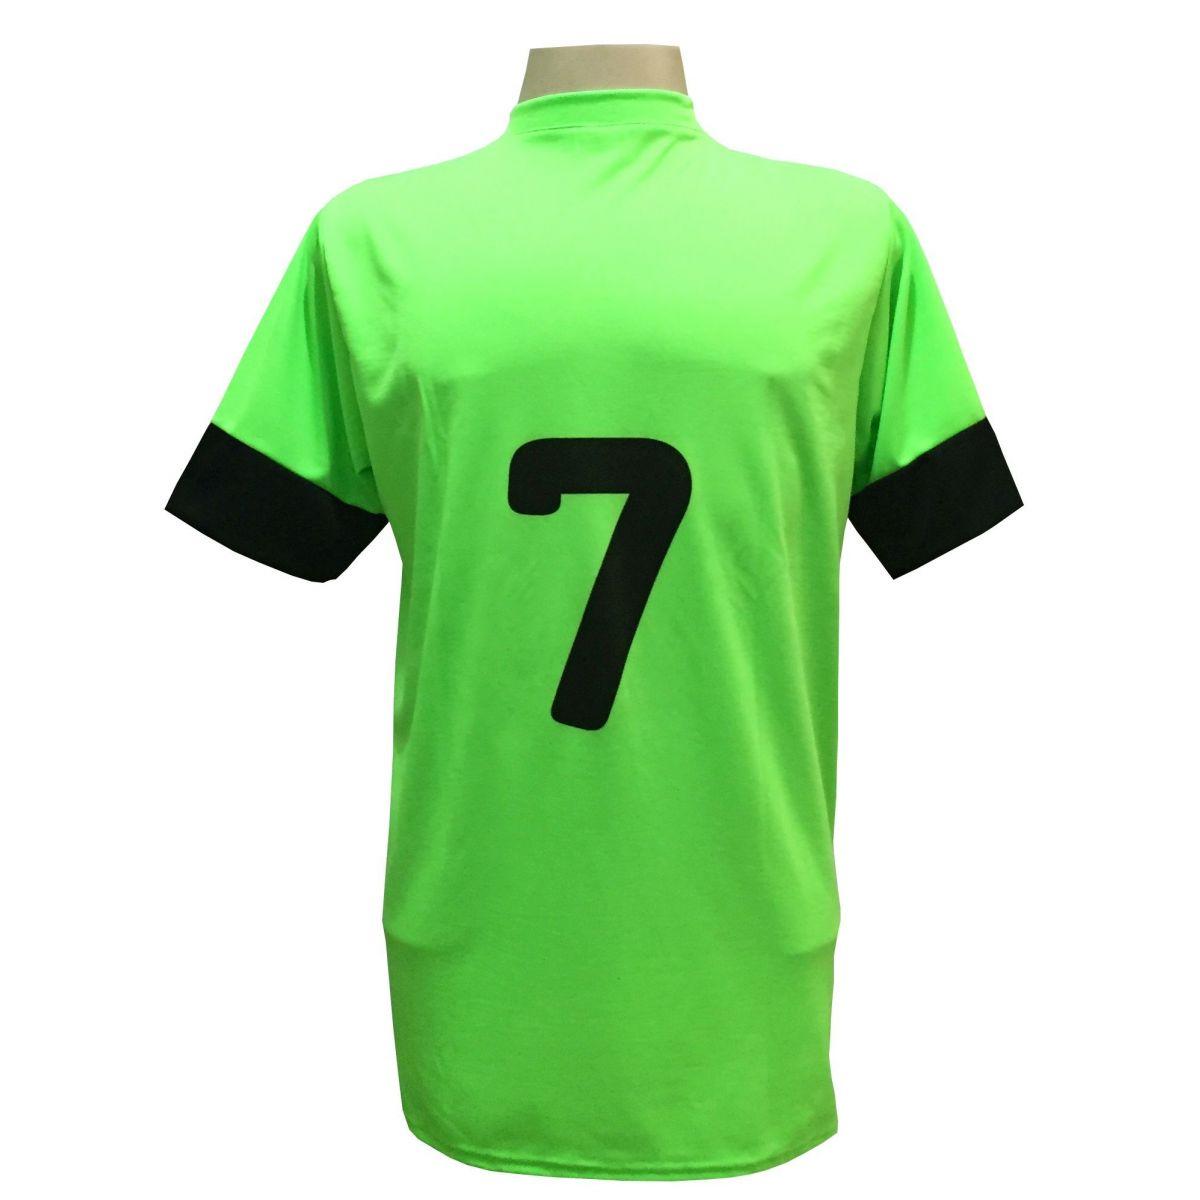 Fardamento Completo Modelo Columbus 18+1 (18 Camisas Limão/Preto + 18 Calções Madrid Preto + 18 Pares de Meiões Pretos + 1 Conjunto de Goleiro) + Brindes